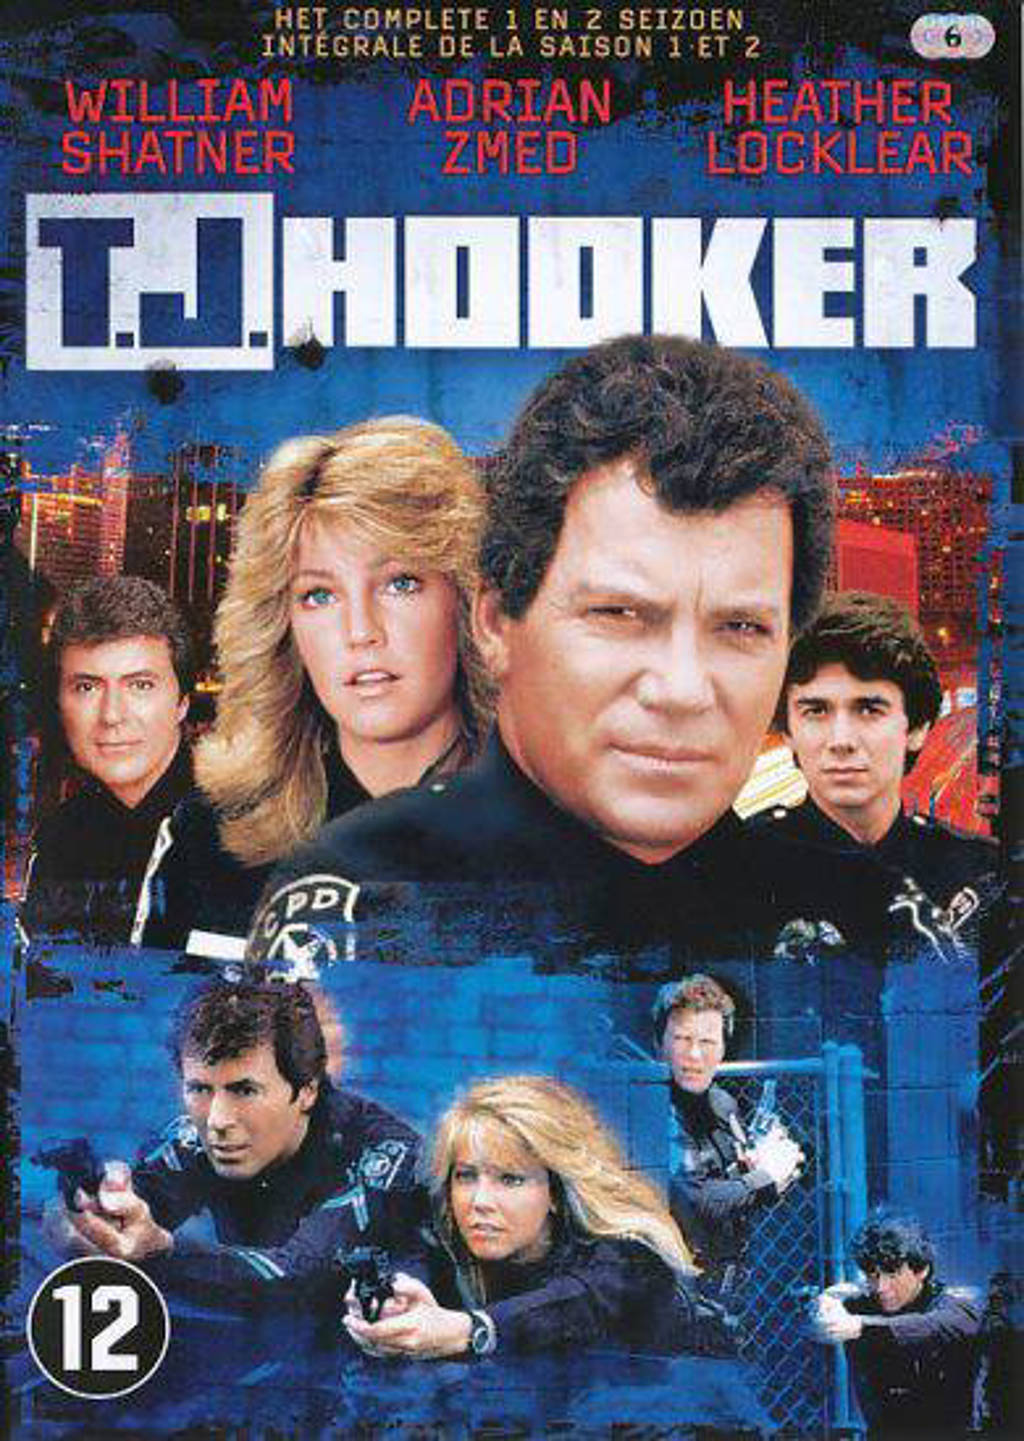 TJ Hooker - Seizoen 1 & 2 (DVD)